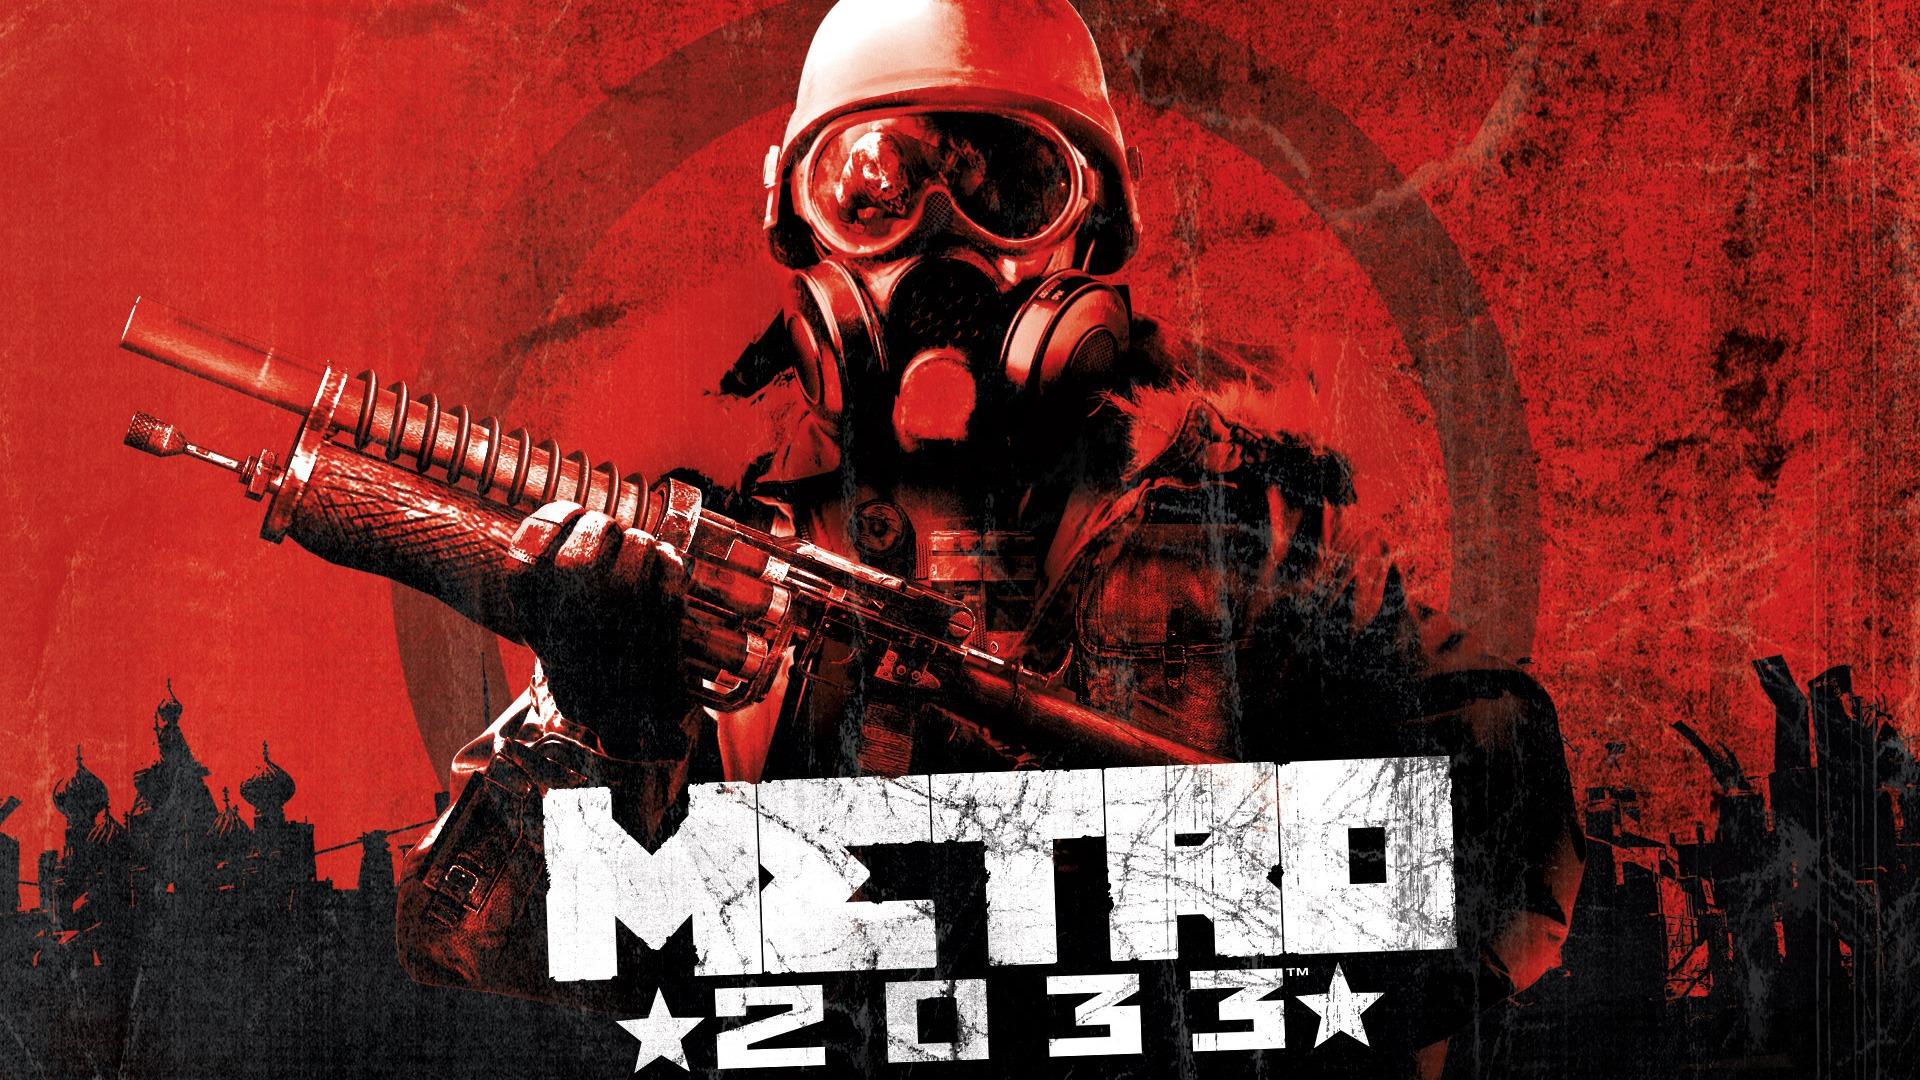 metro-2033-1920-1080-5135.jpg